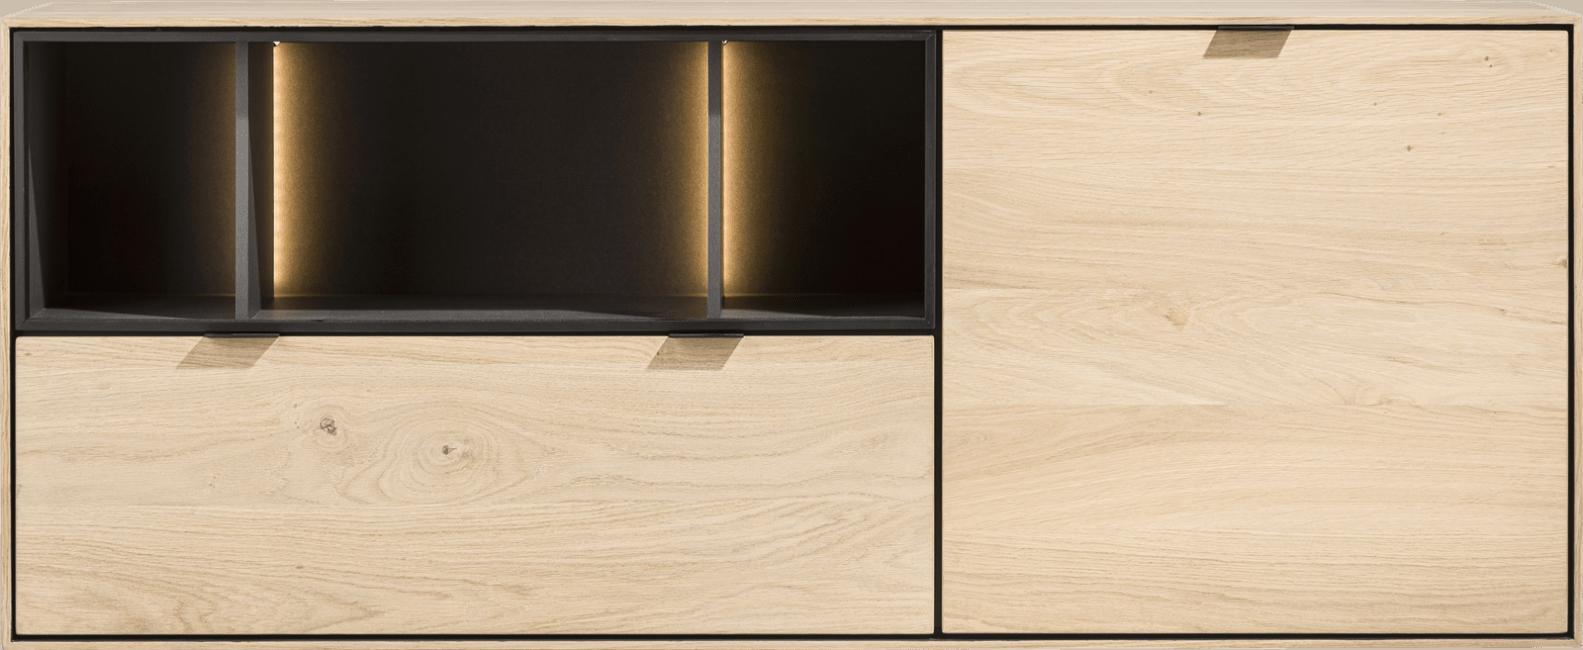 XOOON - Elements - Minimalistisch design - dressoir 150 cm. - 1-deur + 1-lade + 3-niches + led